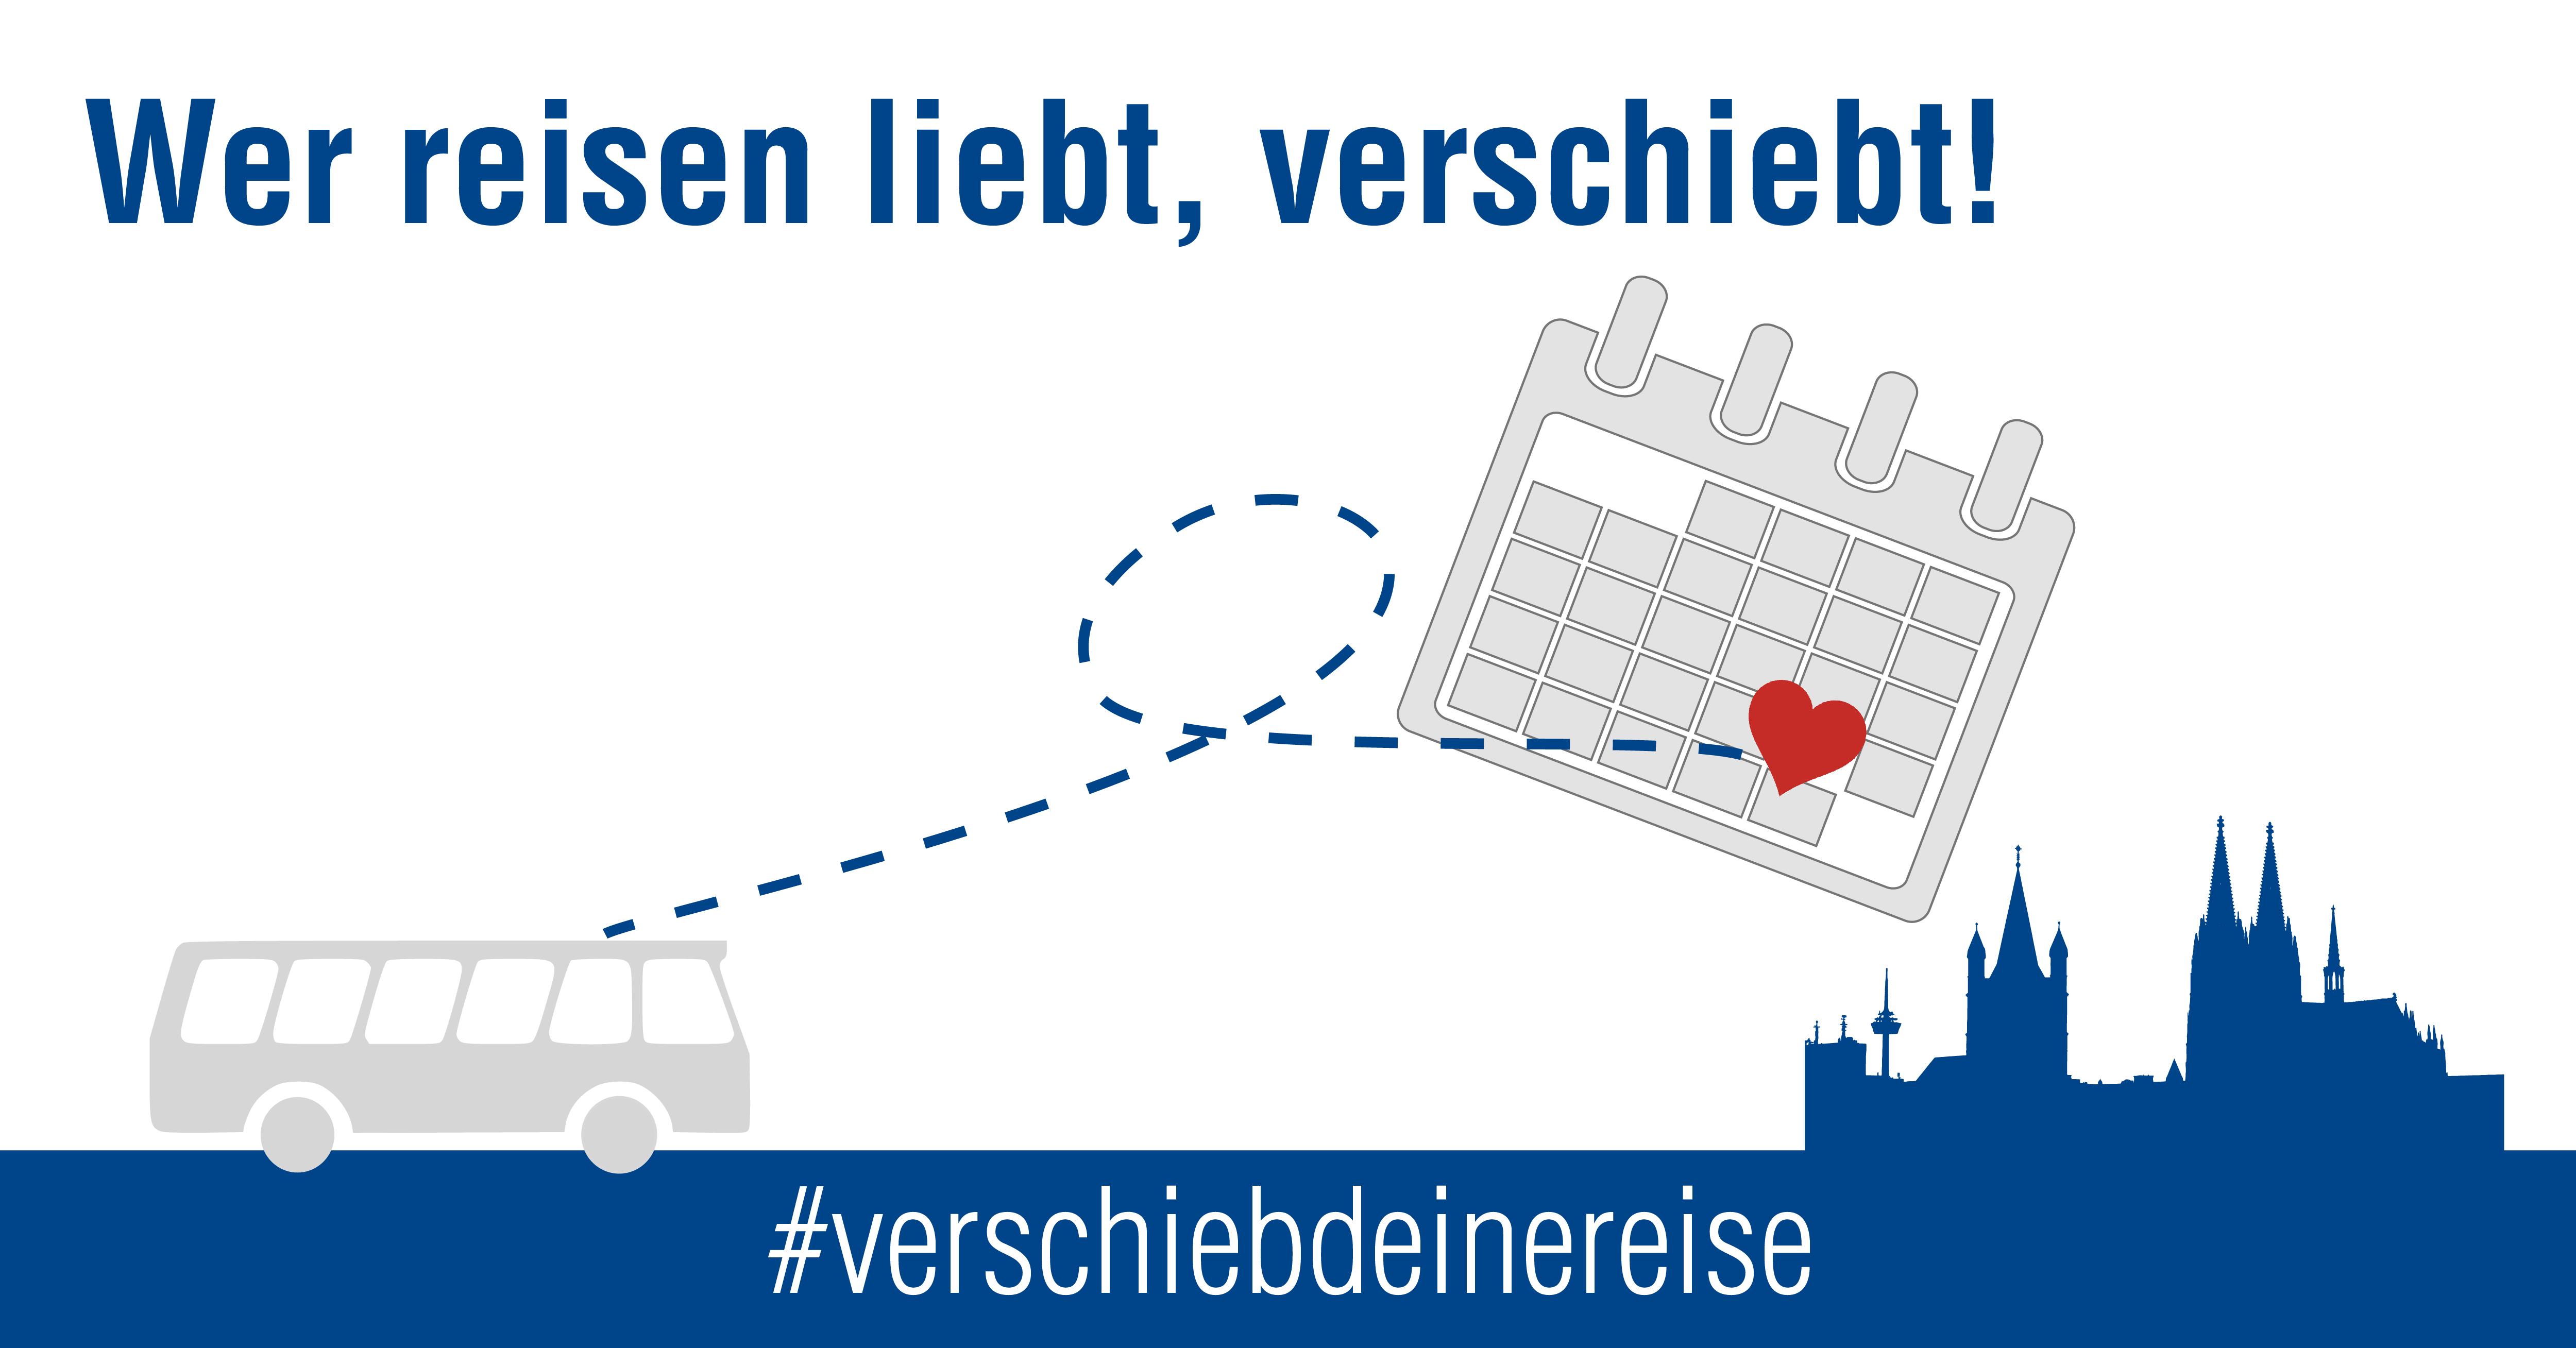 https://www.drv.de/fileadmin/user_upload/Bus_Verschiebdeinereise.jpg